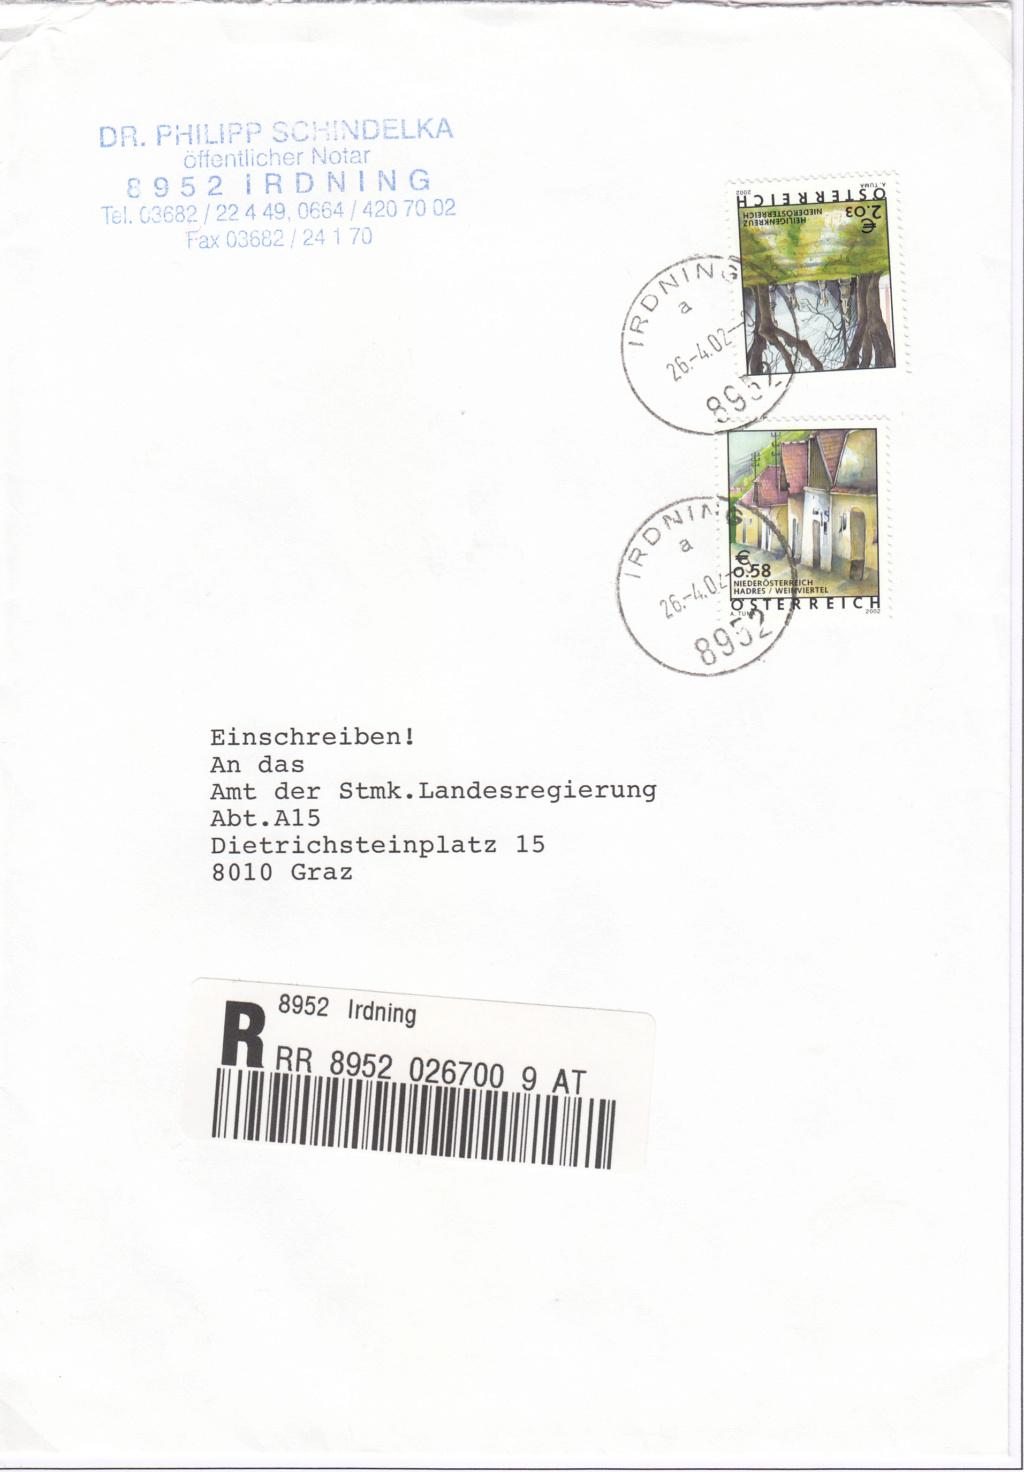 Ferienland Österreich - Dauermarkenserie Img_0033